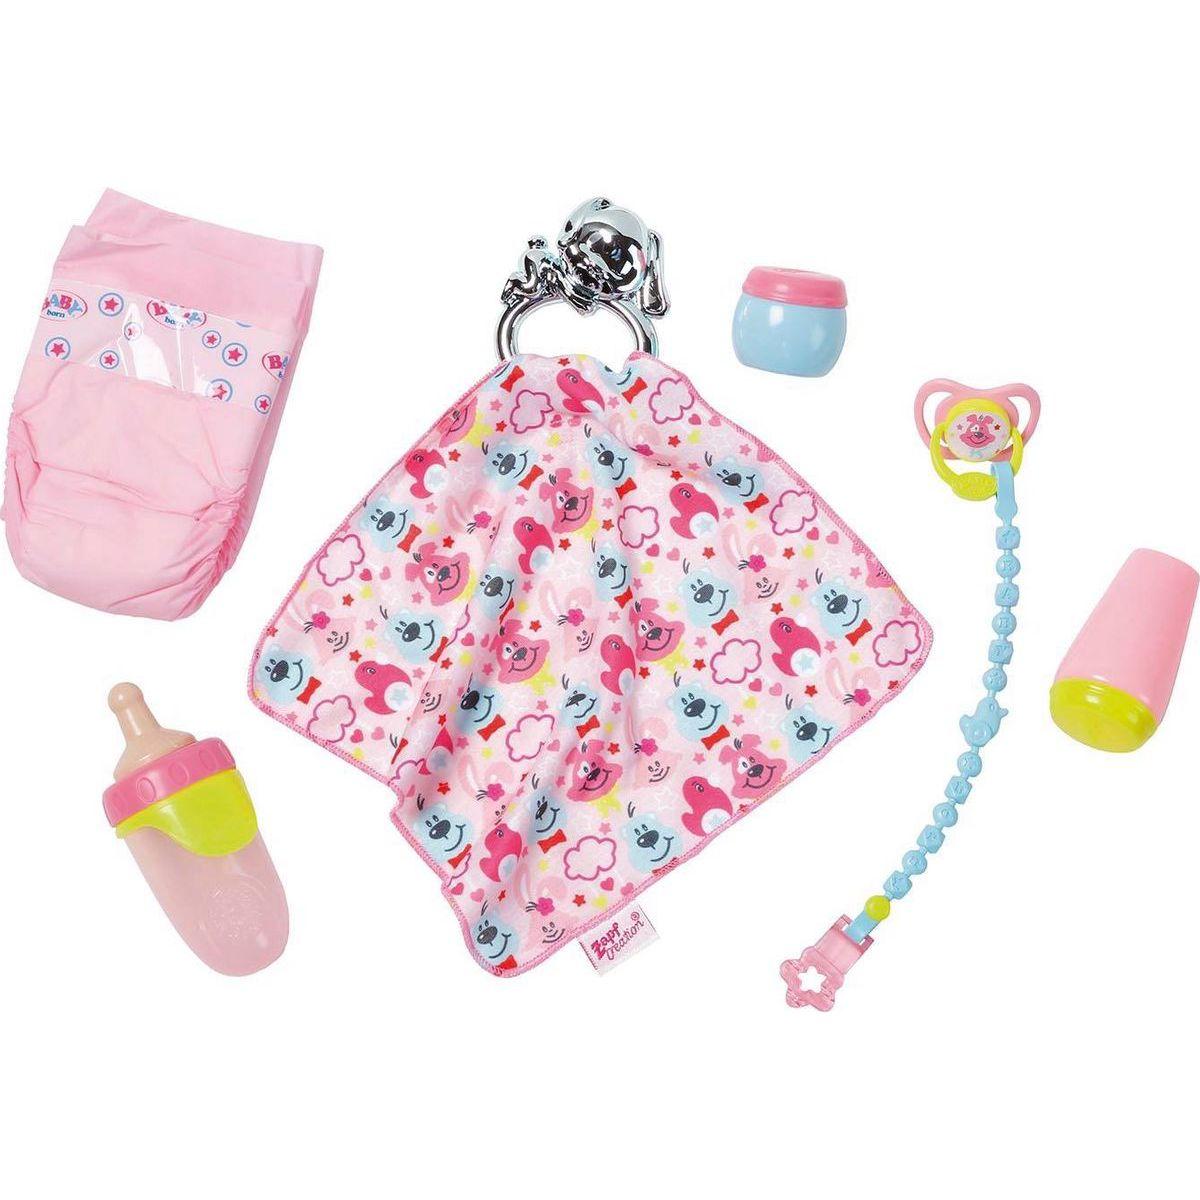 Zapf Creation Baby Born Výbavička pre bábätko Startset